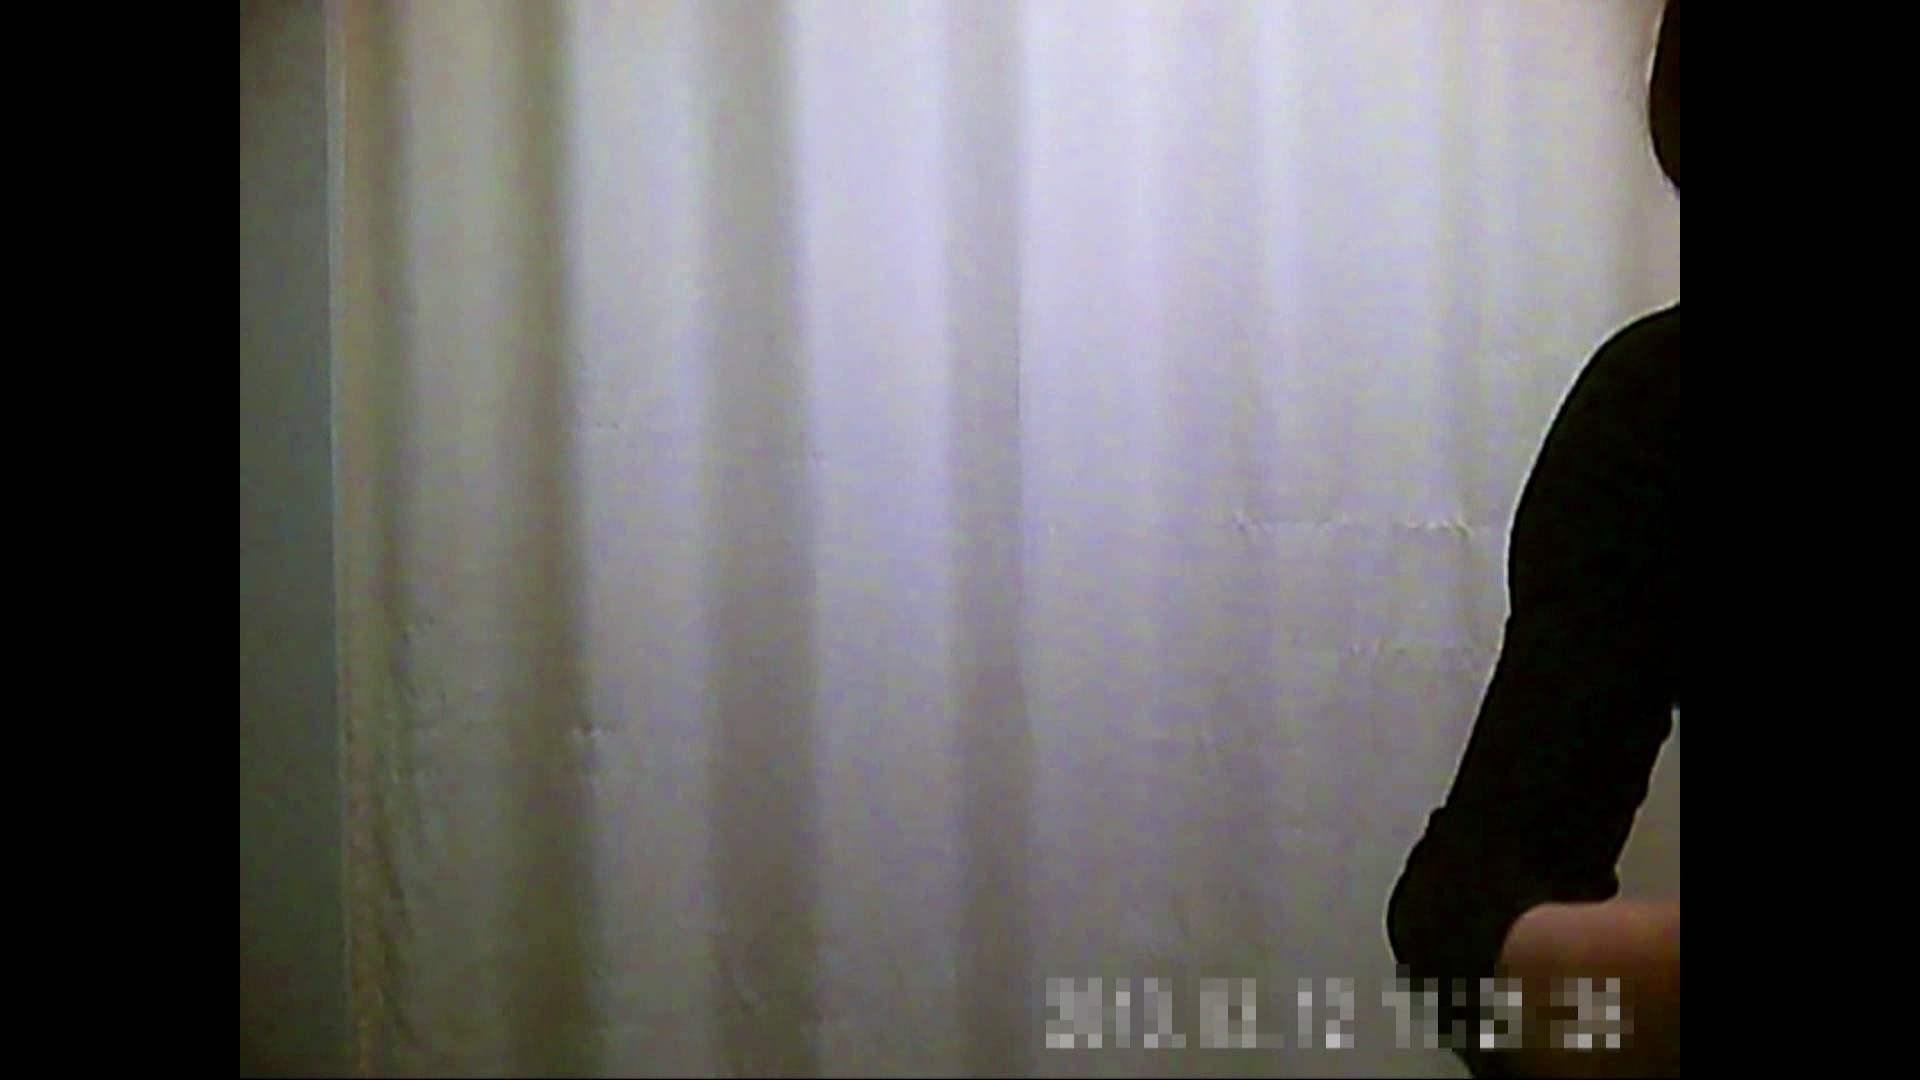 病院おもいっきり着替え! vol.198 盗撮師作品 SEX無修正画像 69pic 31